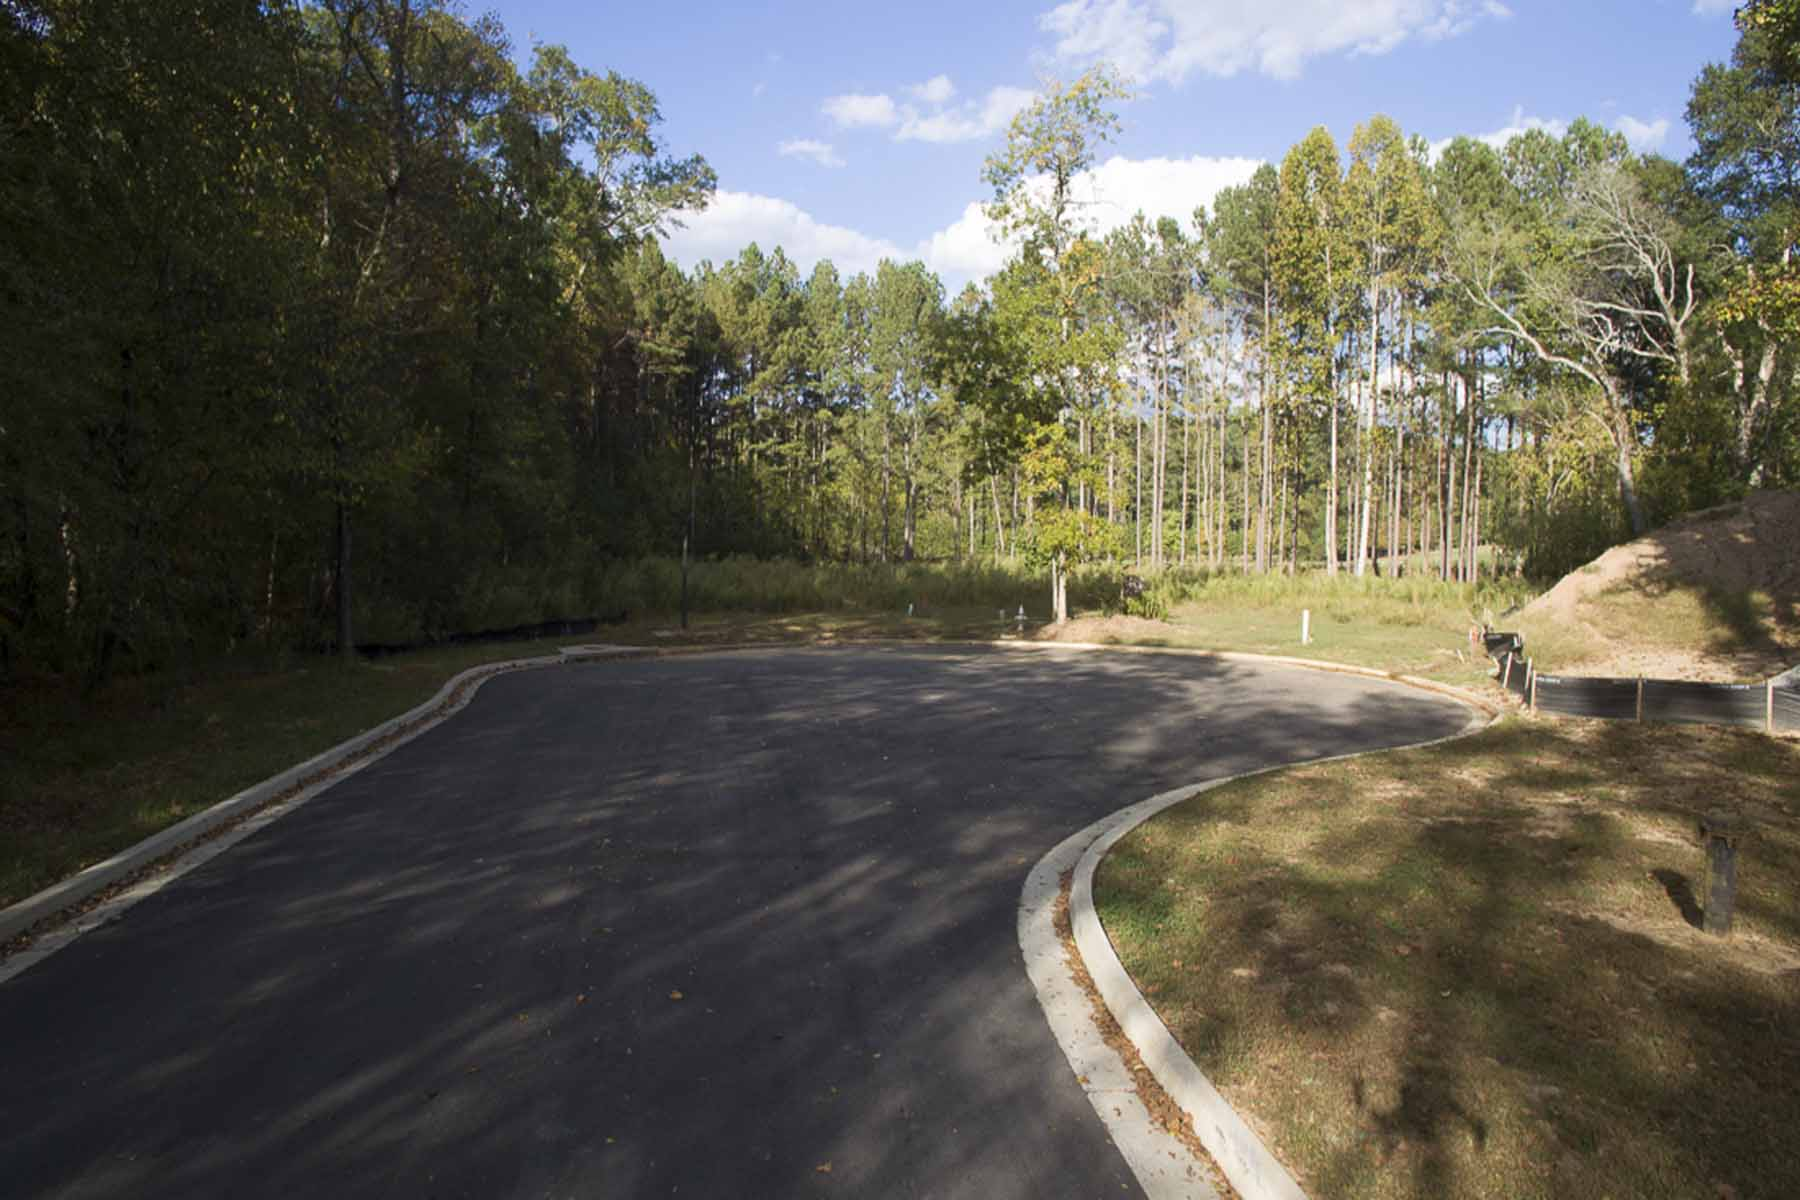 Земля для того Продажа на Golf Course Lot 588 Crescent River Pass Suwanee, Джорджия, 30024 Соединенные Штаты